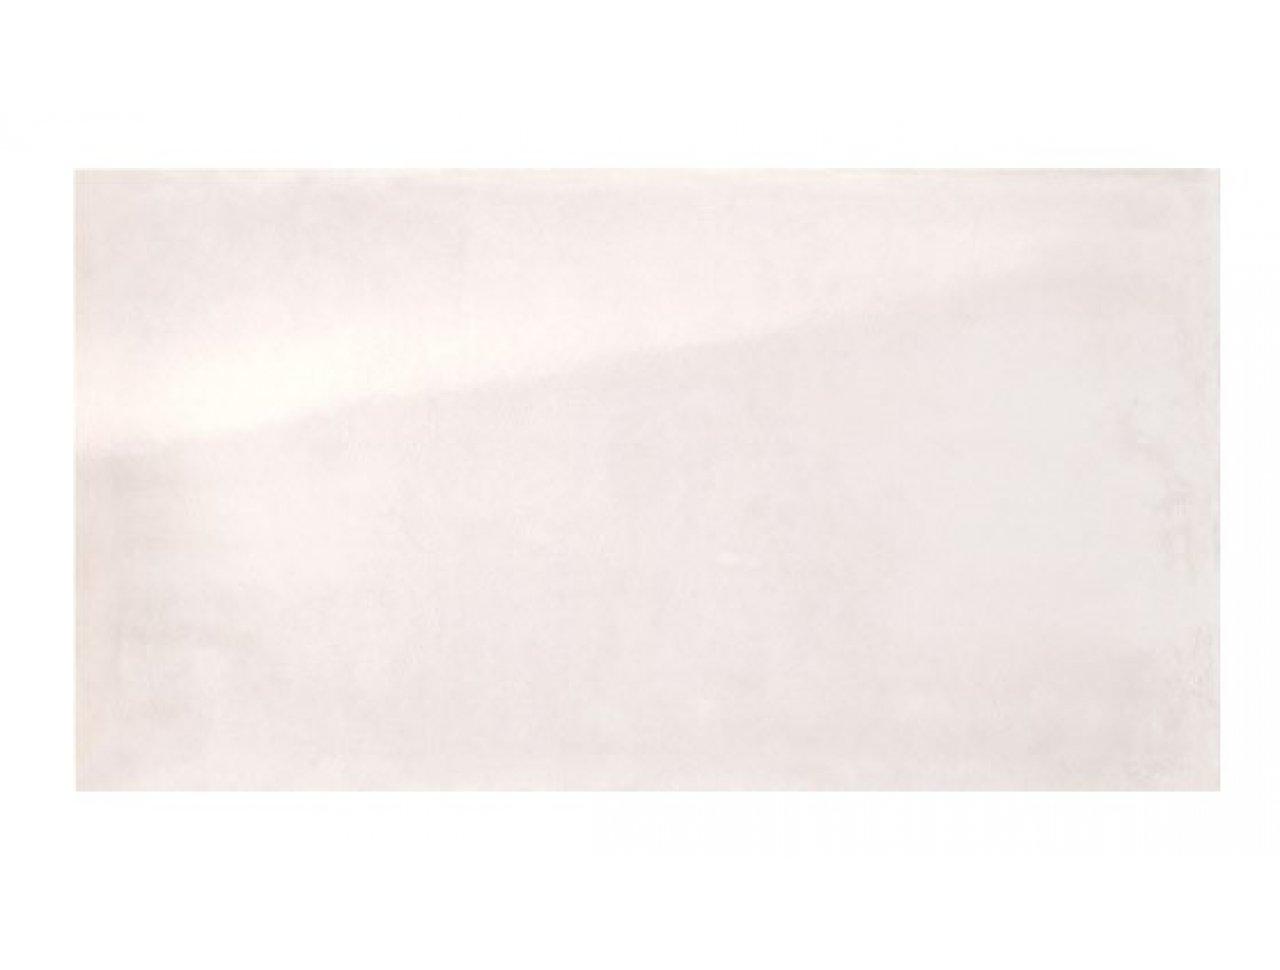 Настенная плитка FAP Frame White 30.5 x 56 см, Арт. fLEE